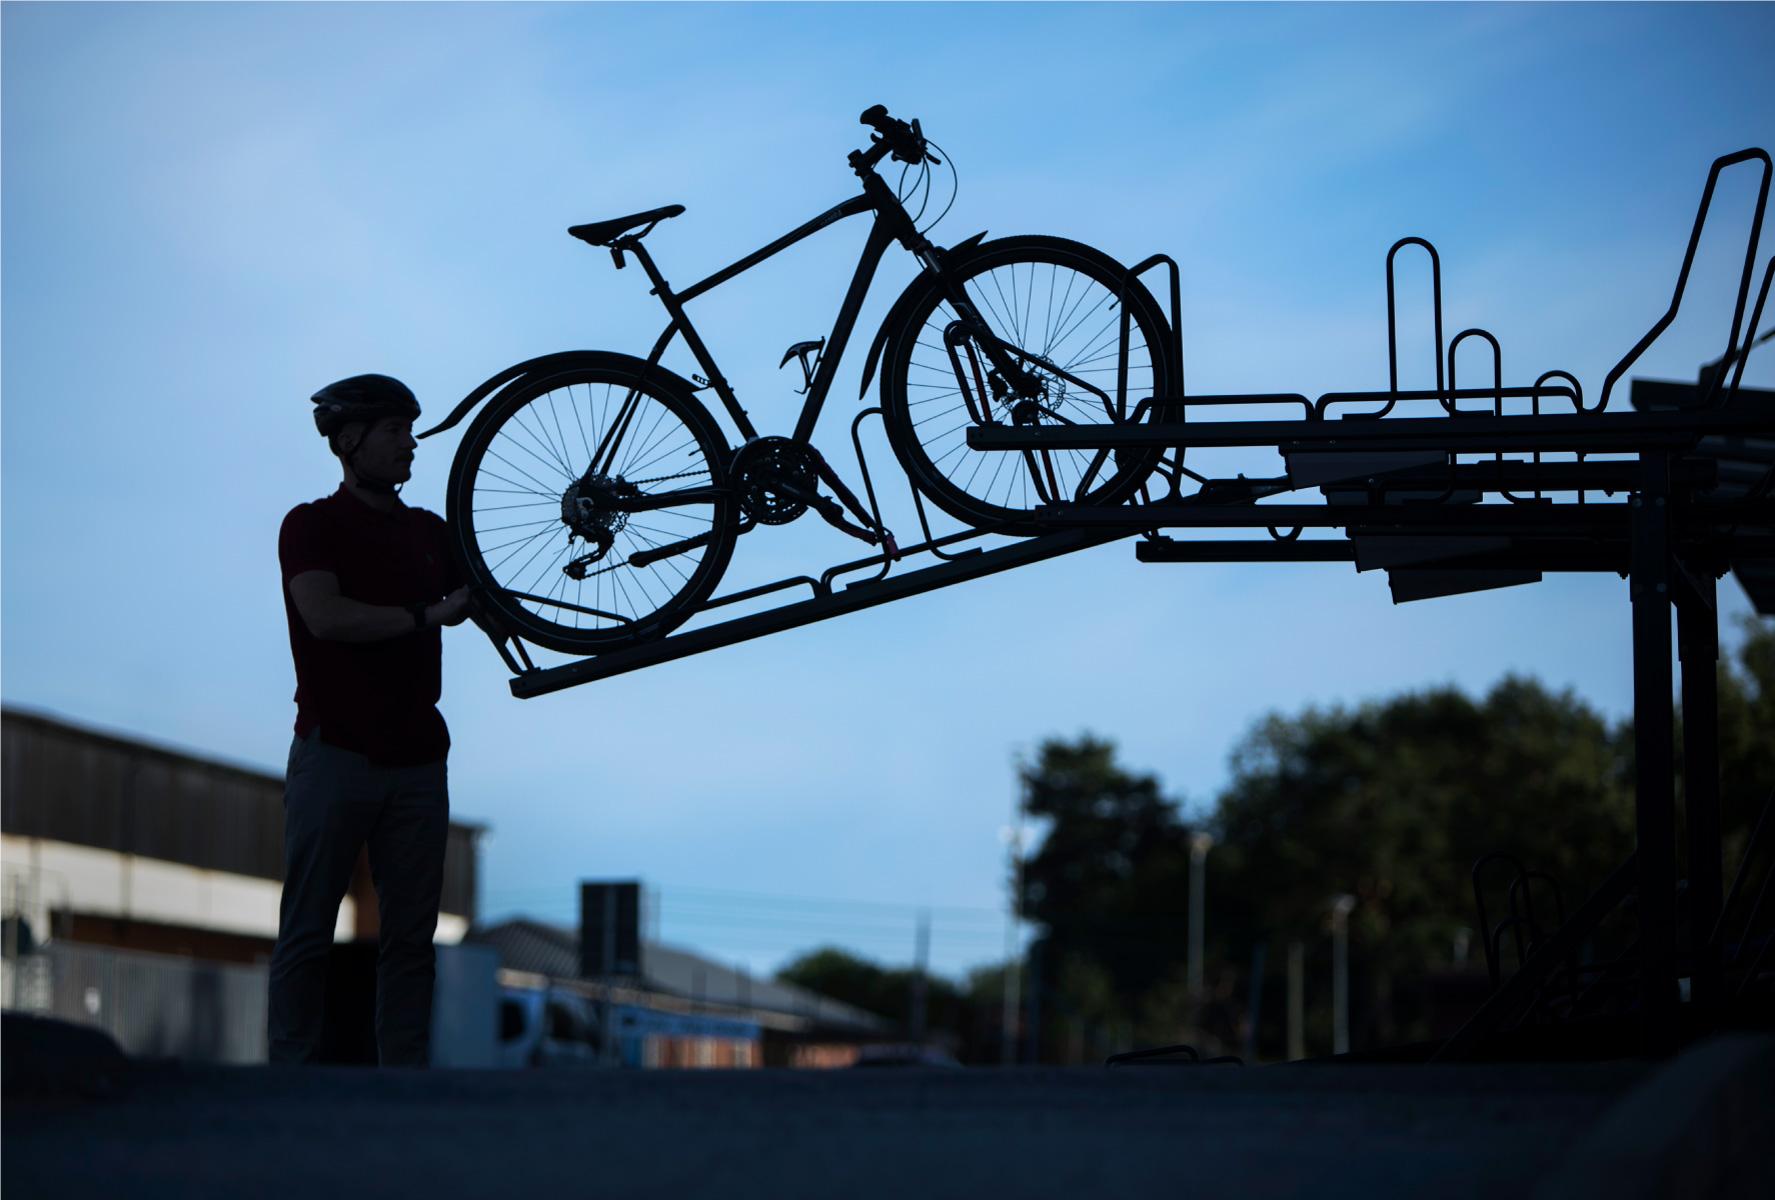 Cyklist i siluett parkerar sin cykel i ett tvåvåningsställ